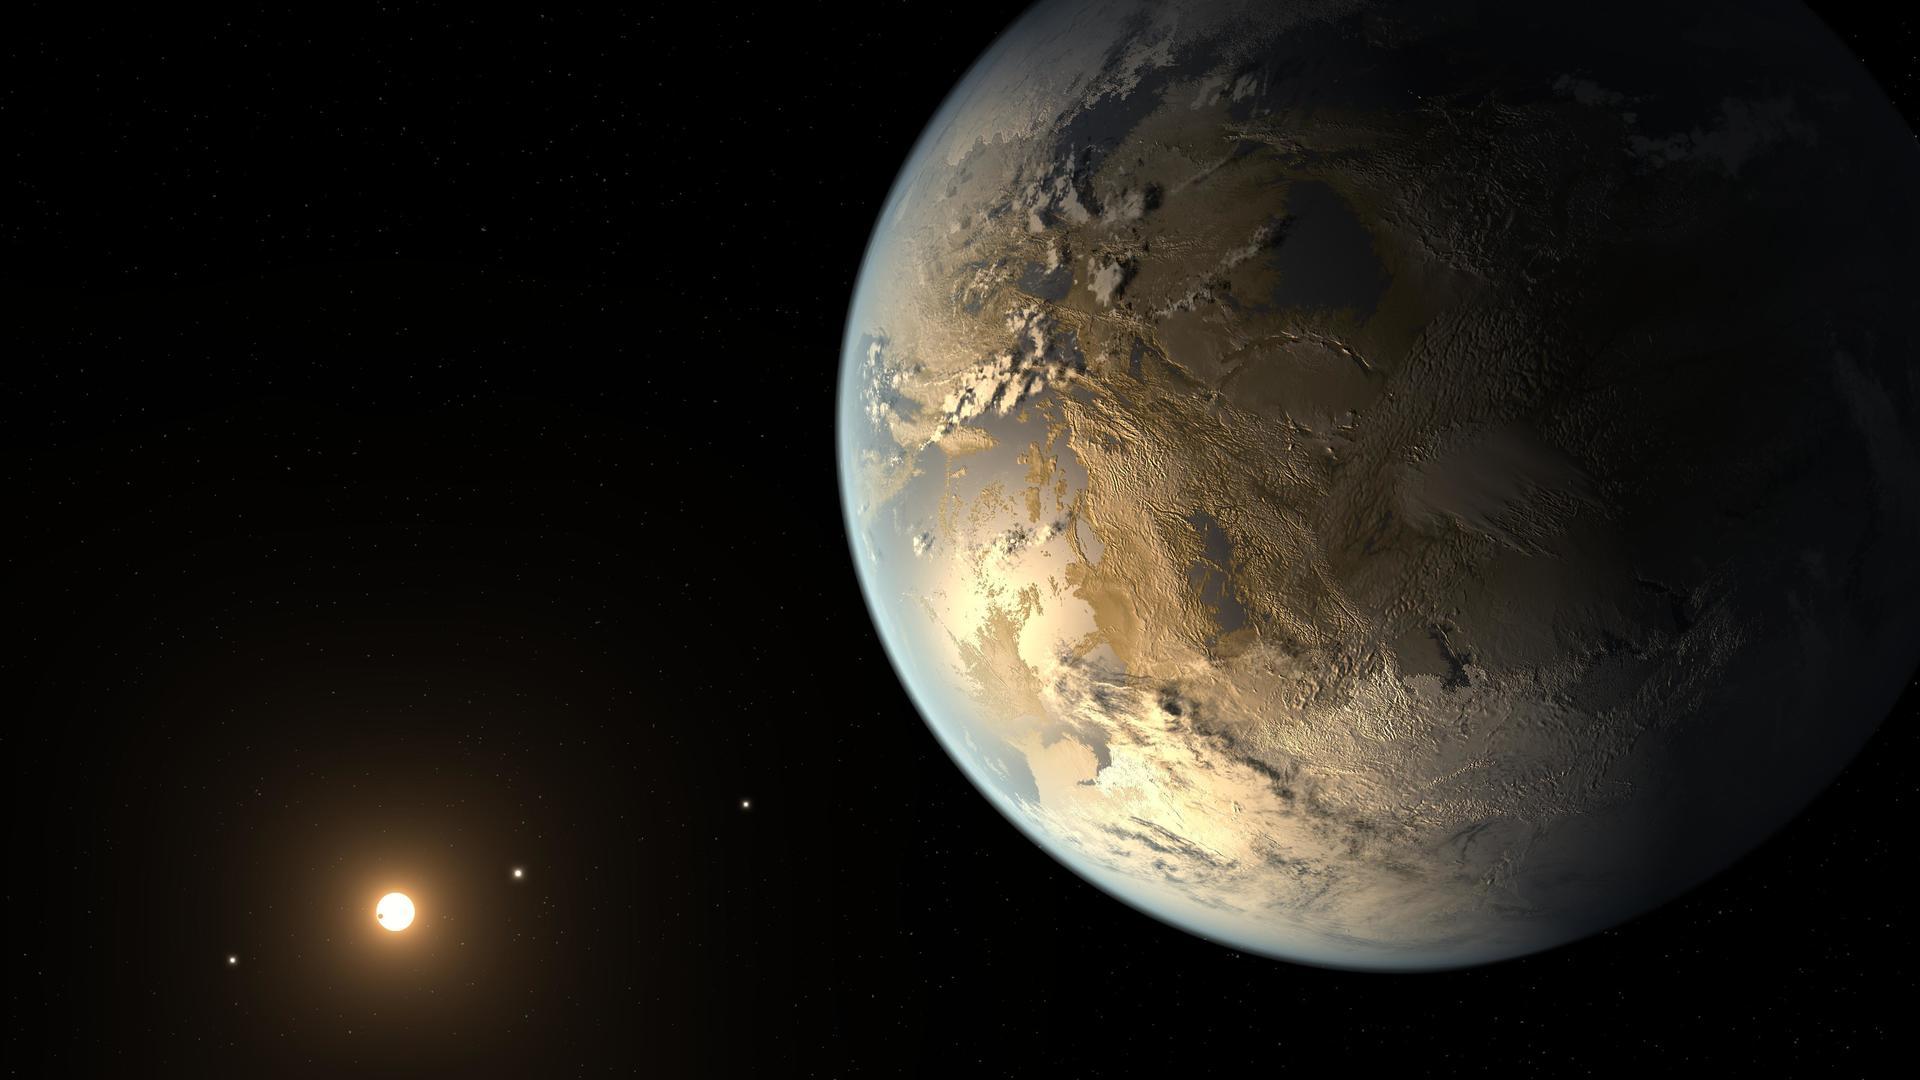 они отвели планета похожая на землю фото такой